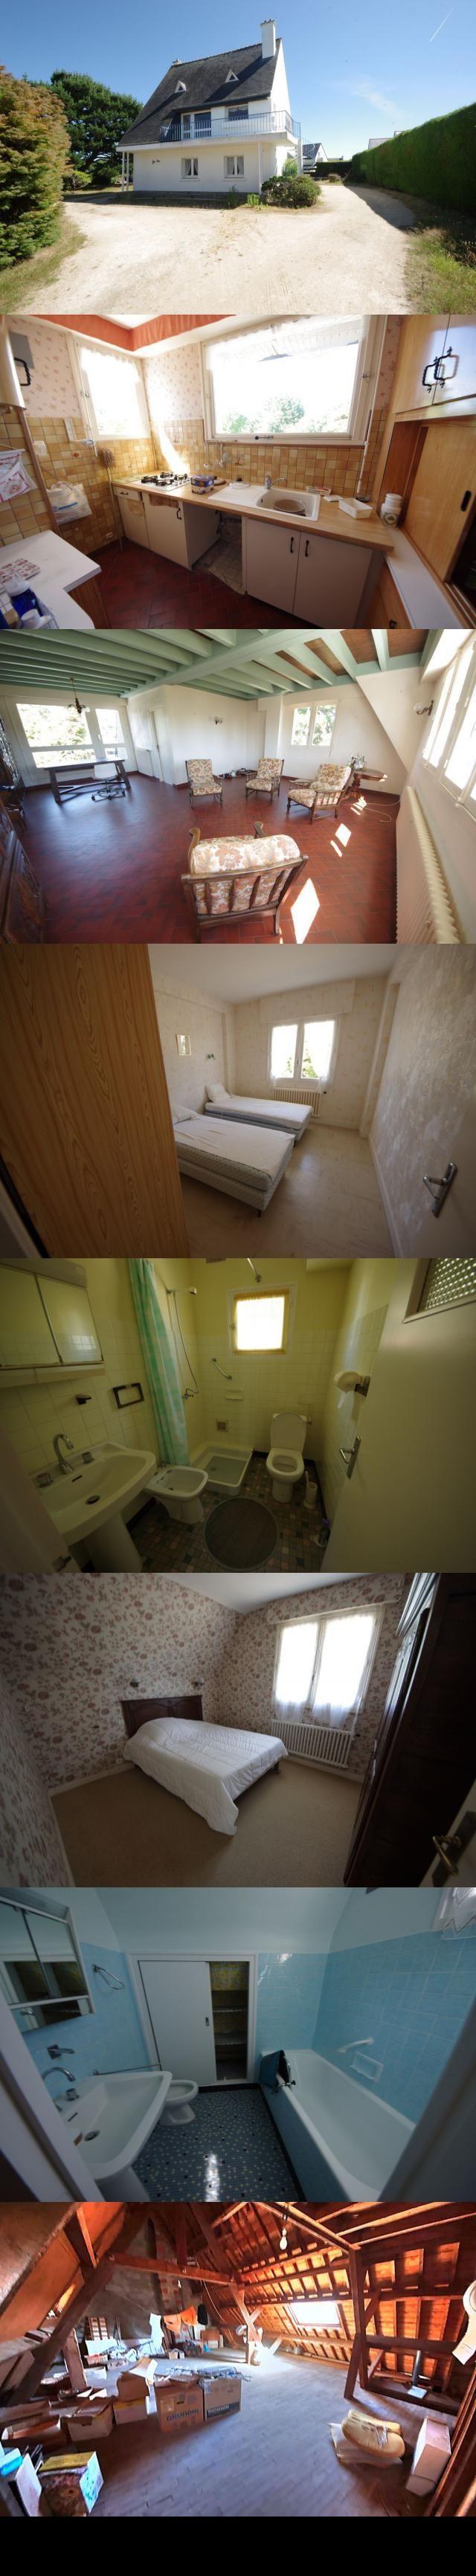 maison 5 pieces 144 m2 ST PIERRE QUIBERON Baie  Cote baie, proche des plages,  maison des annees 60 en impasse implantee sur un terrain de 770 m2 environ offre au rdc : entree, 3 chambres, salle d'eau + wc, buanderie, garage. A l'etage : cuisine, beau sejour lumineux, chambre, salle de bains, wc. Au 2eme etage : combles a amenager.  dont 4.50 % honoraires TTC a la charge de l'acquereur.